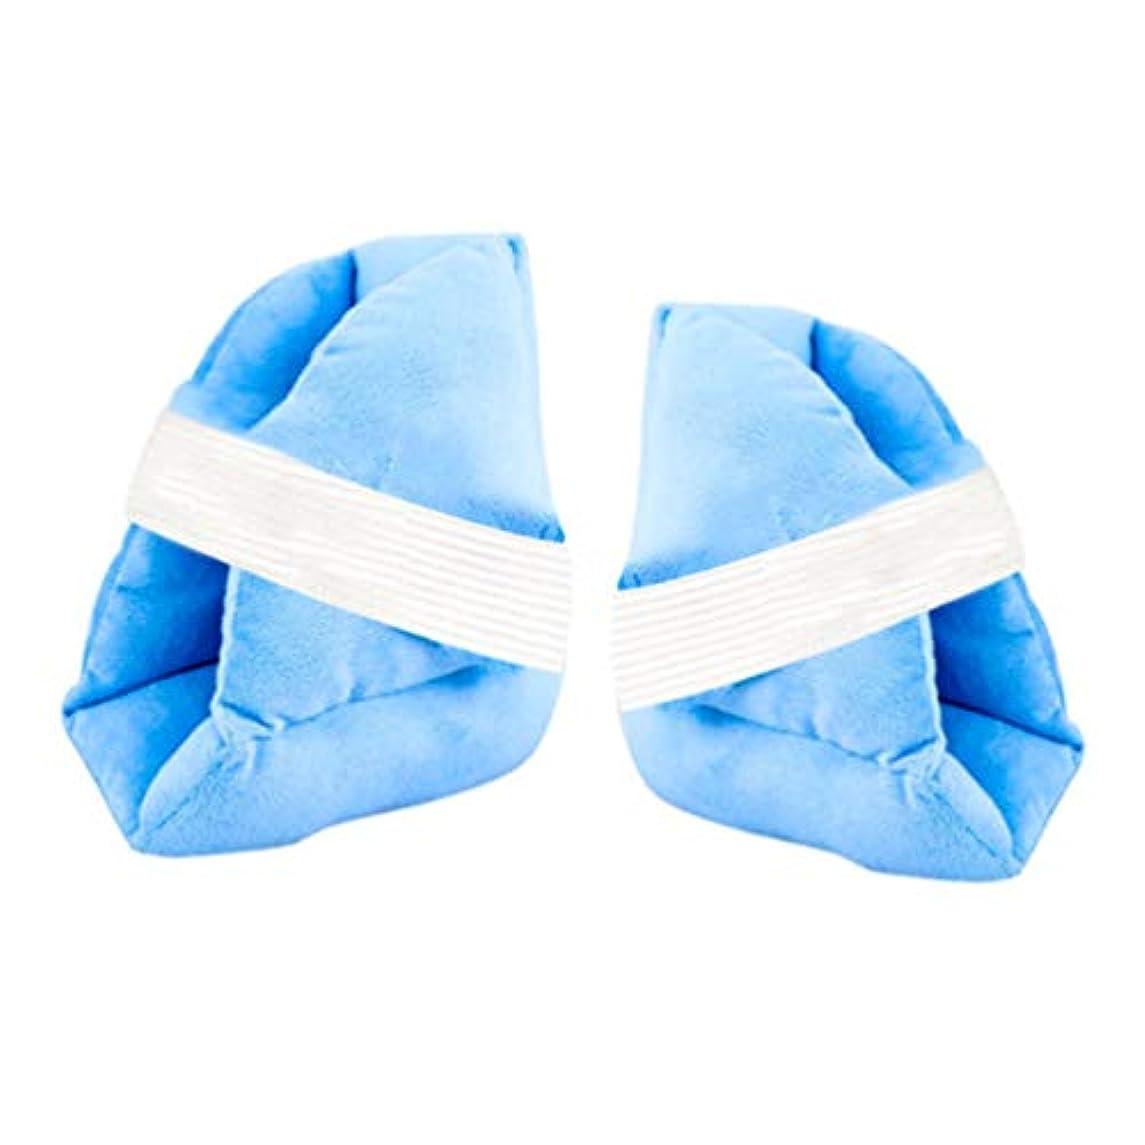 スロー許容テーマ柔らかく快適なヒールプロテクター枕、ヒールフロートヒールプロテクター、Pressure瘡予防のためのアキレス腱プロテクター、高齢者の足補正カバー,b